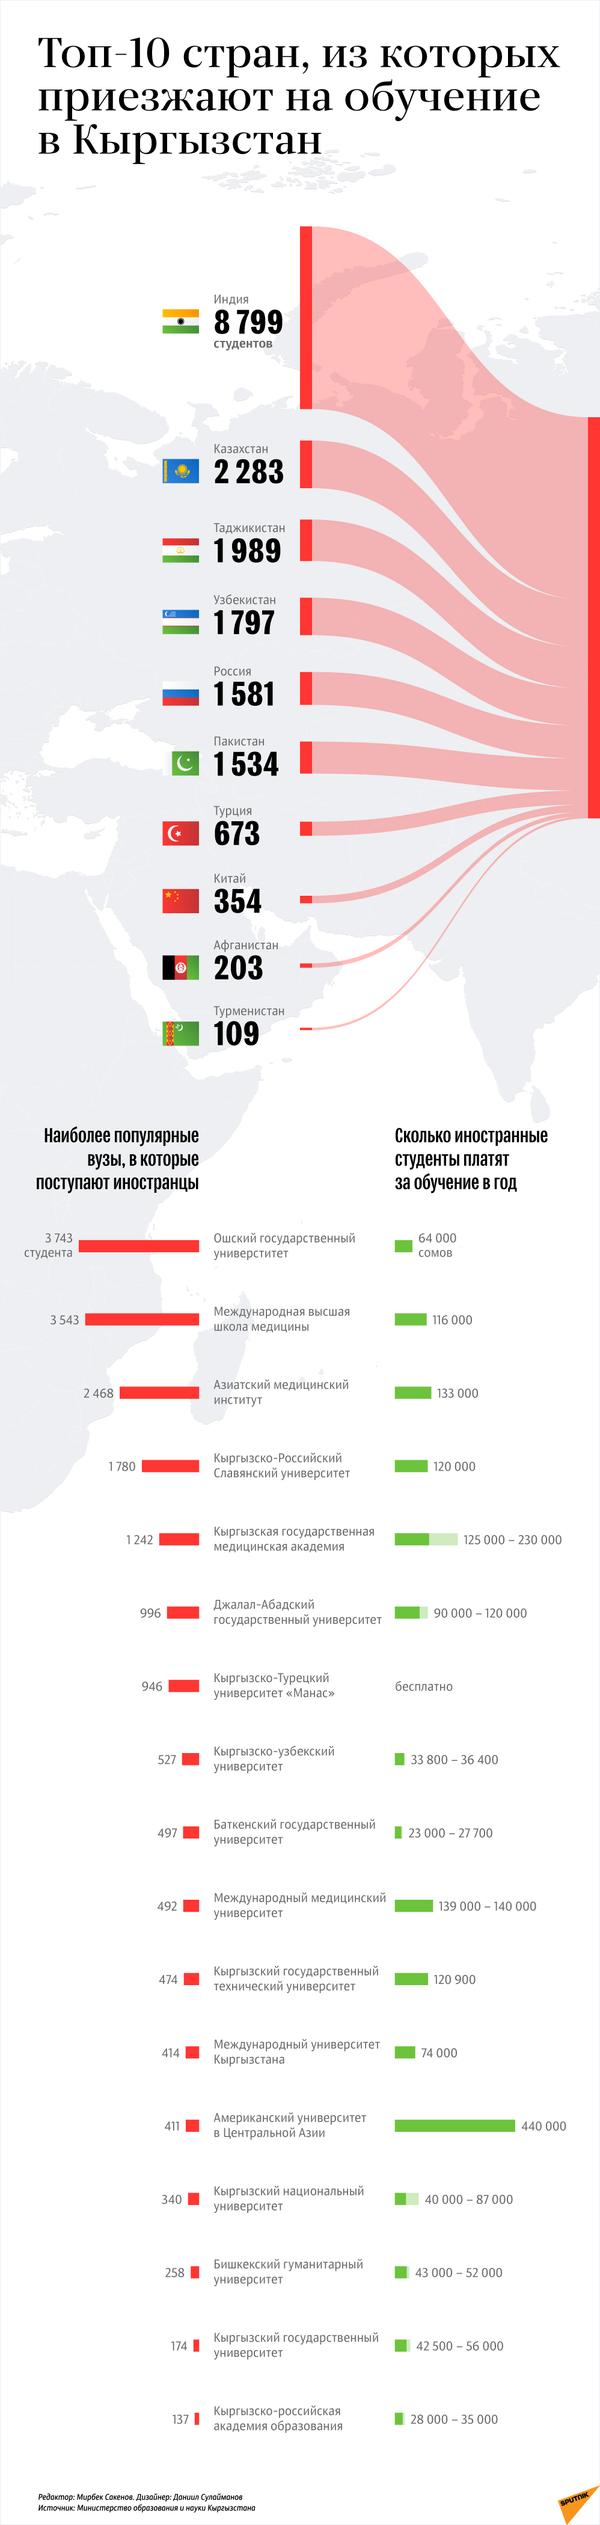 Сколько таджикистанцев учатся в Кыргызстане - Sputnik Таджикистан